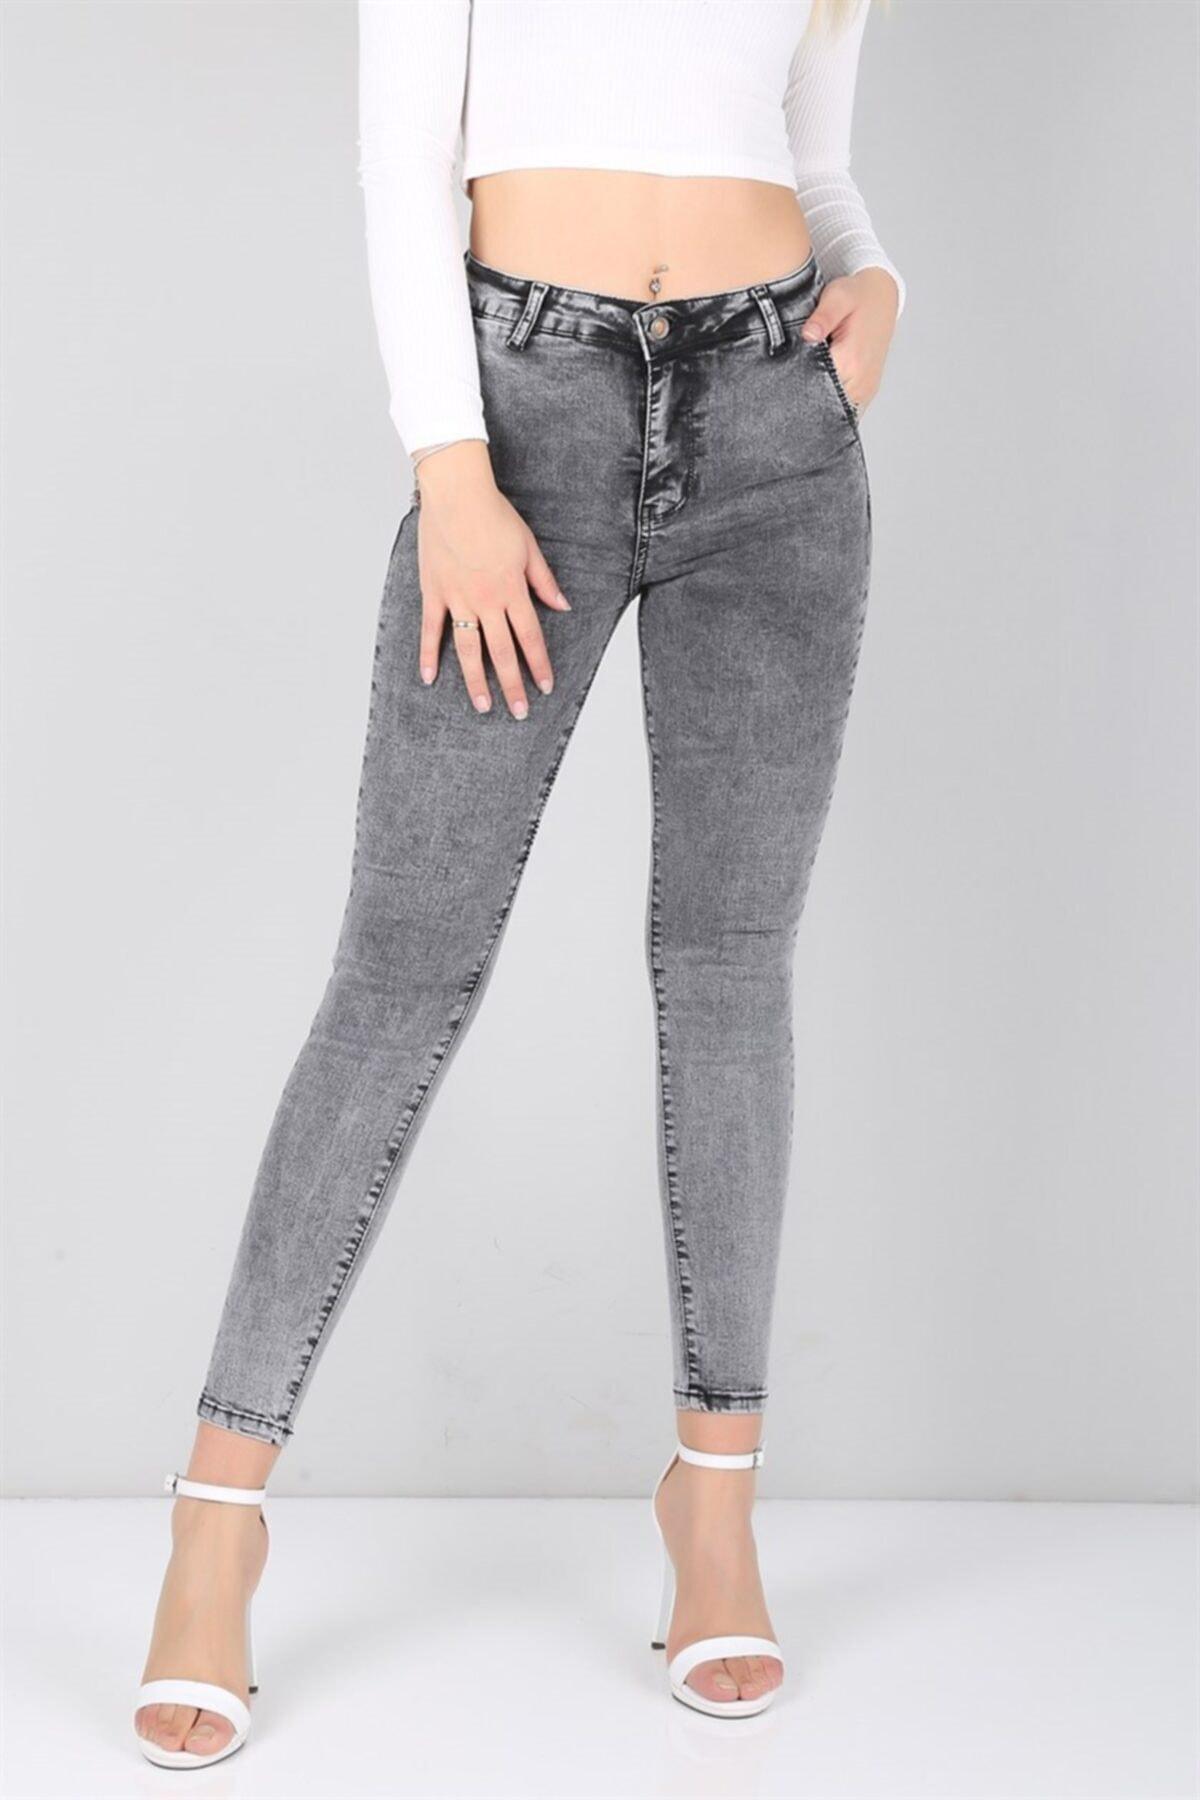 Trend Giysen Füme Yüksek Bel Likralı Bayan Kot Pantolon 2